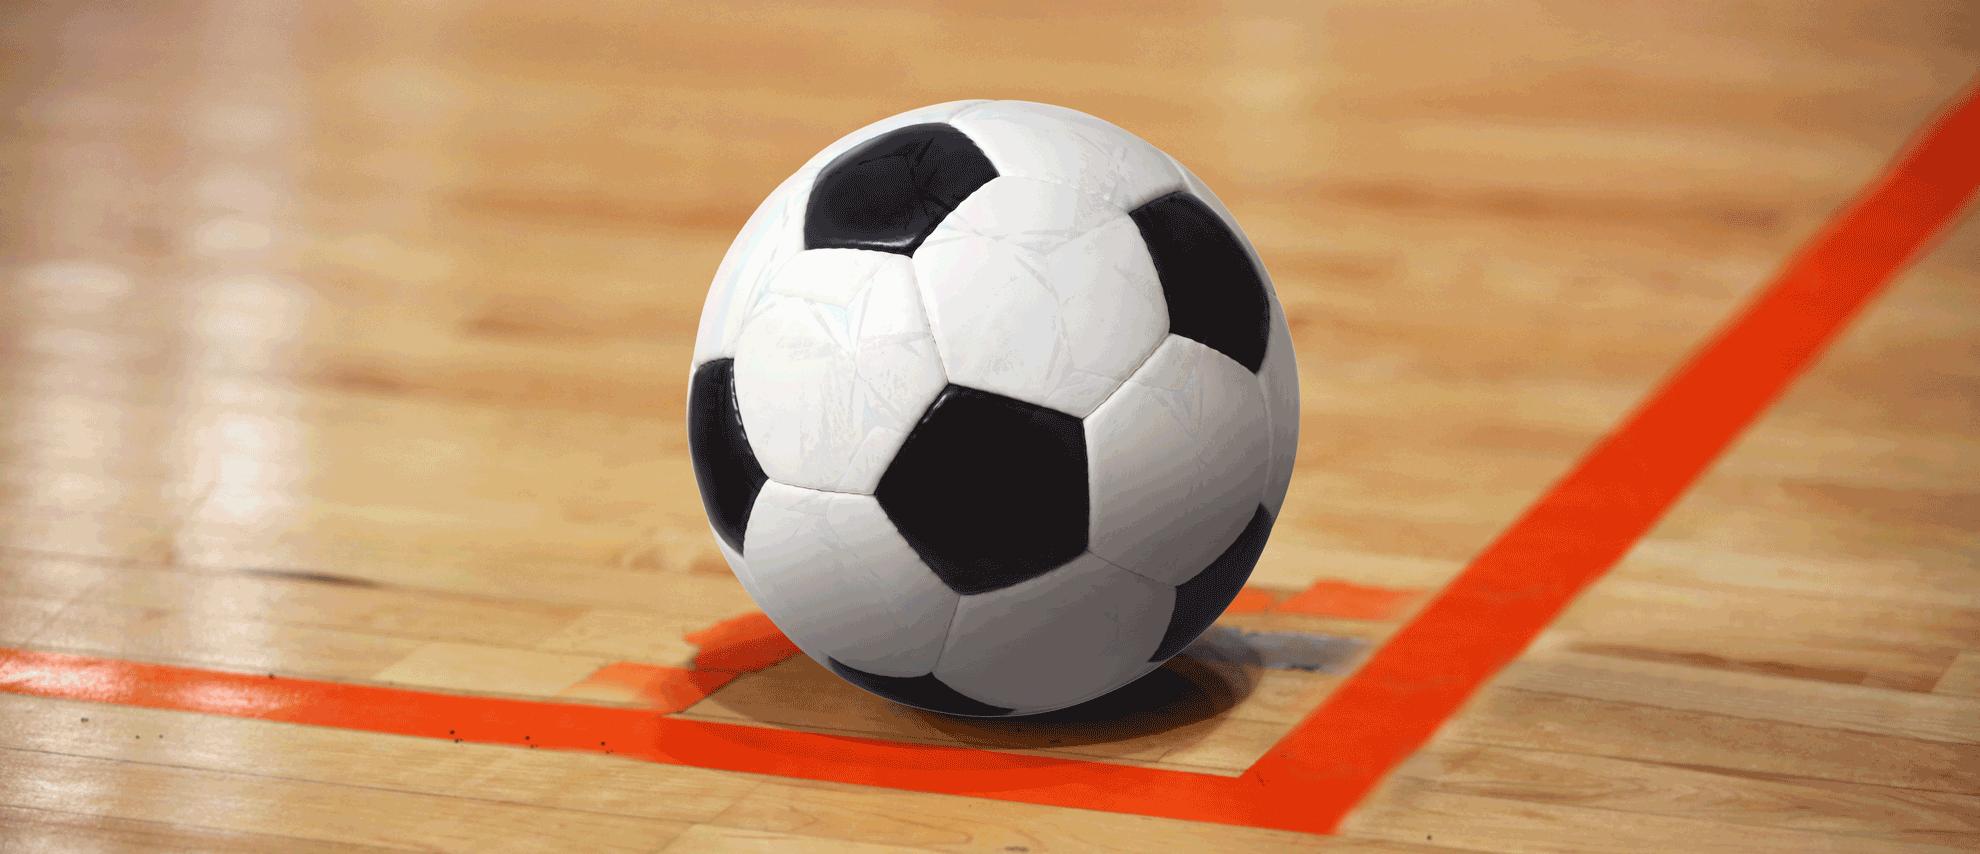 Lapangan Futsal Full Gambar